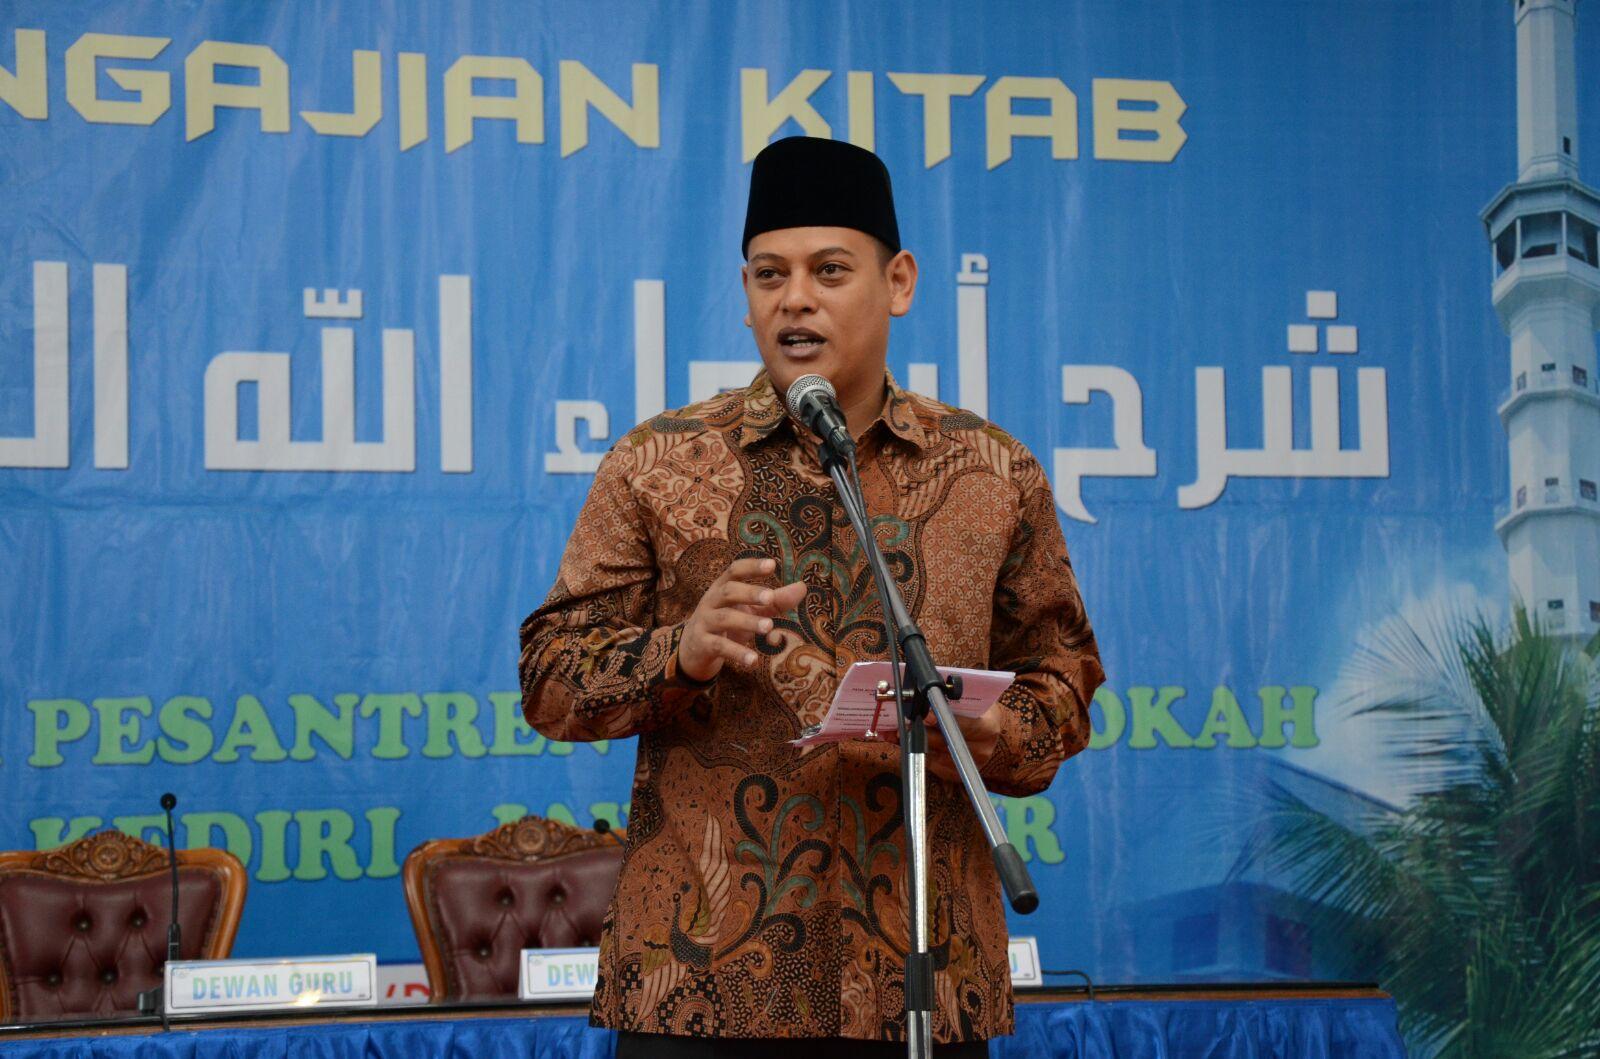 Wali Kota Kediri: Asrama Syarah Asmaul Husna Hidupkan Ekonomi Kediri